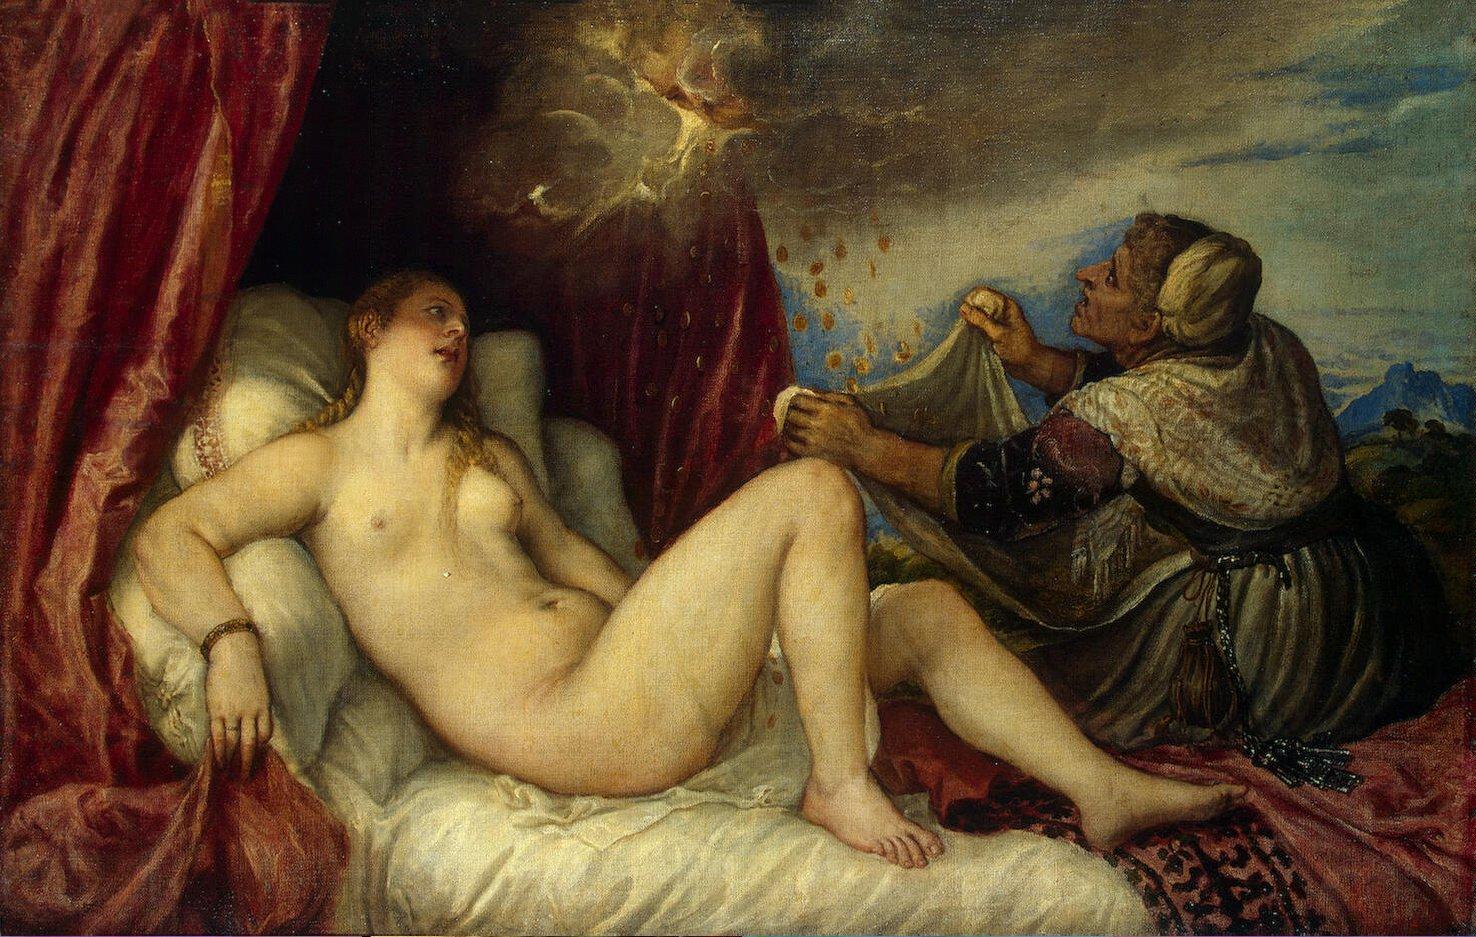 天使の代わりに降ってくる金貨を袋に入れようとする老婆が描かれたダナエ